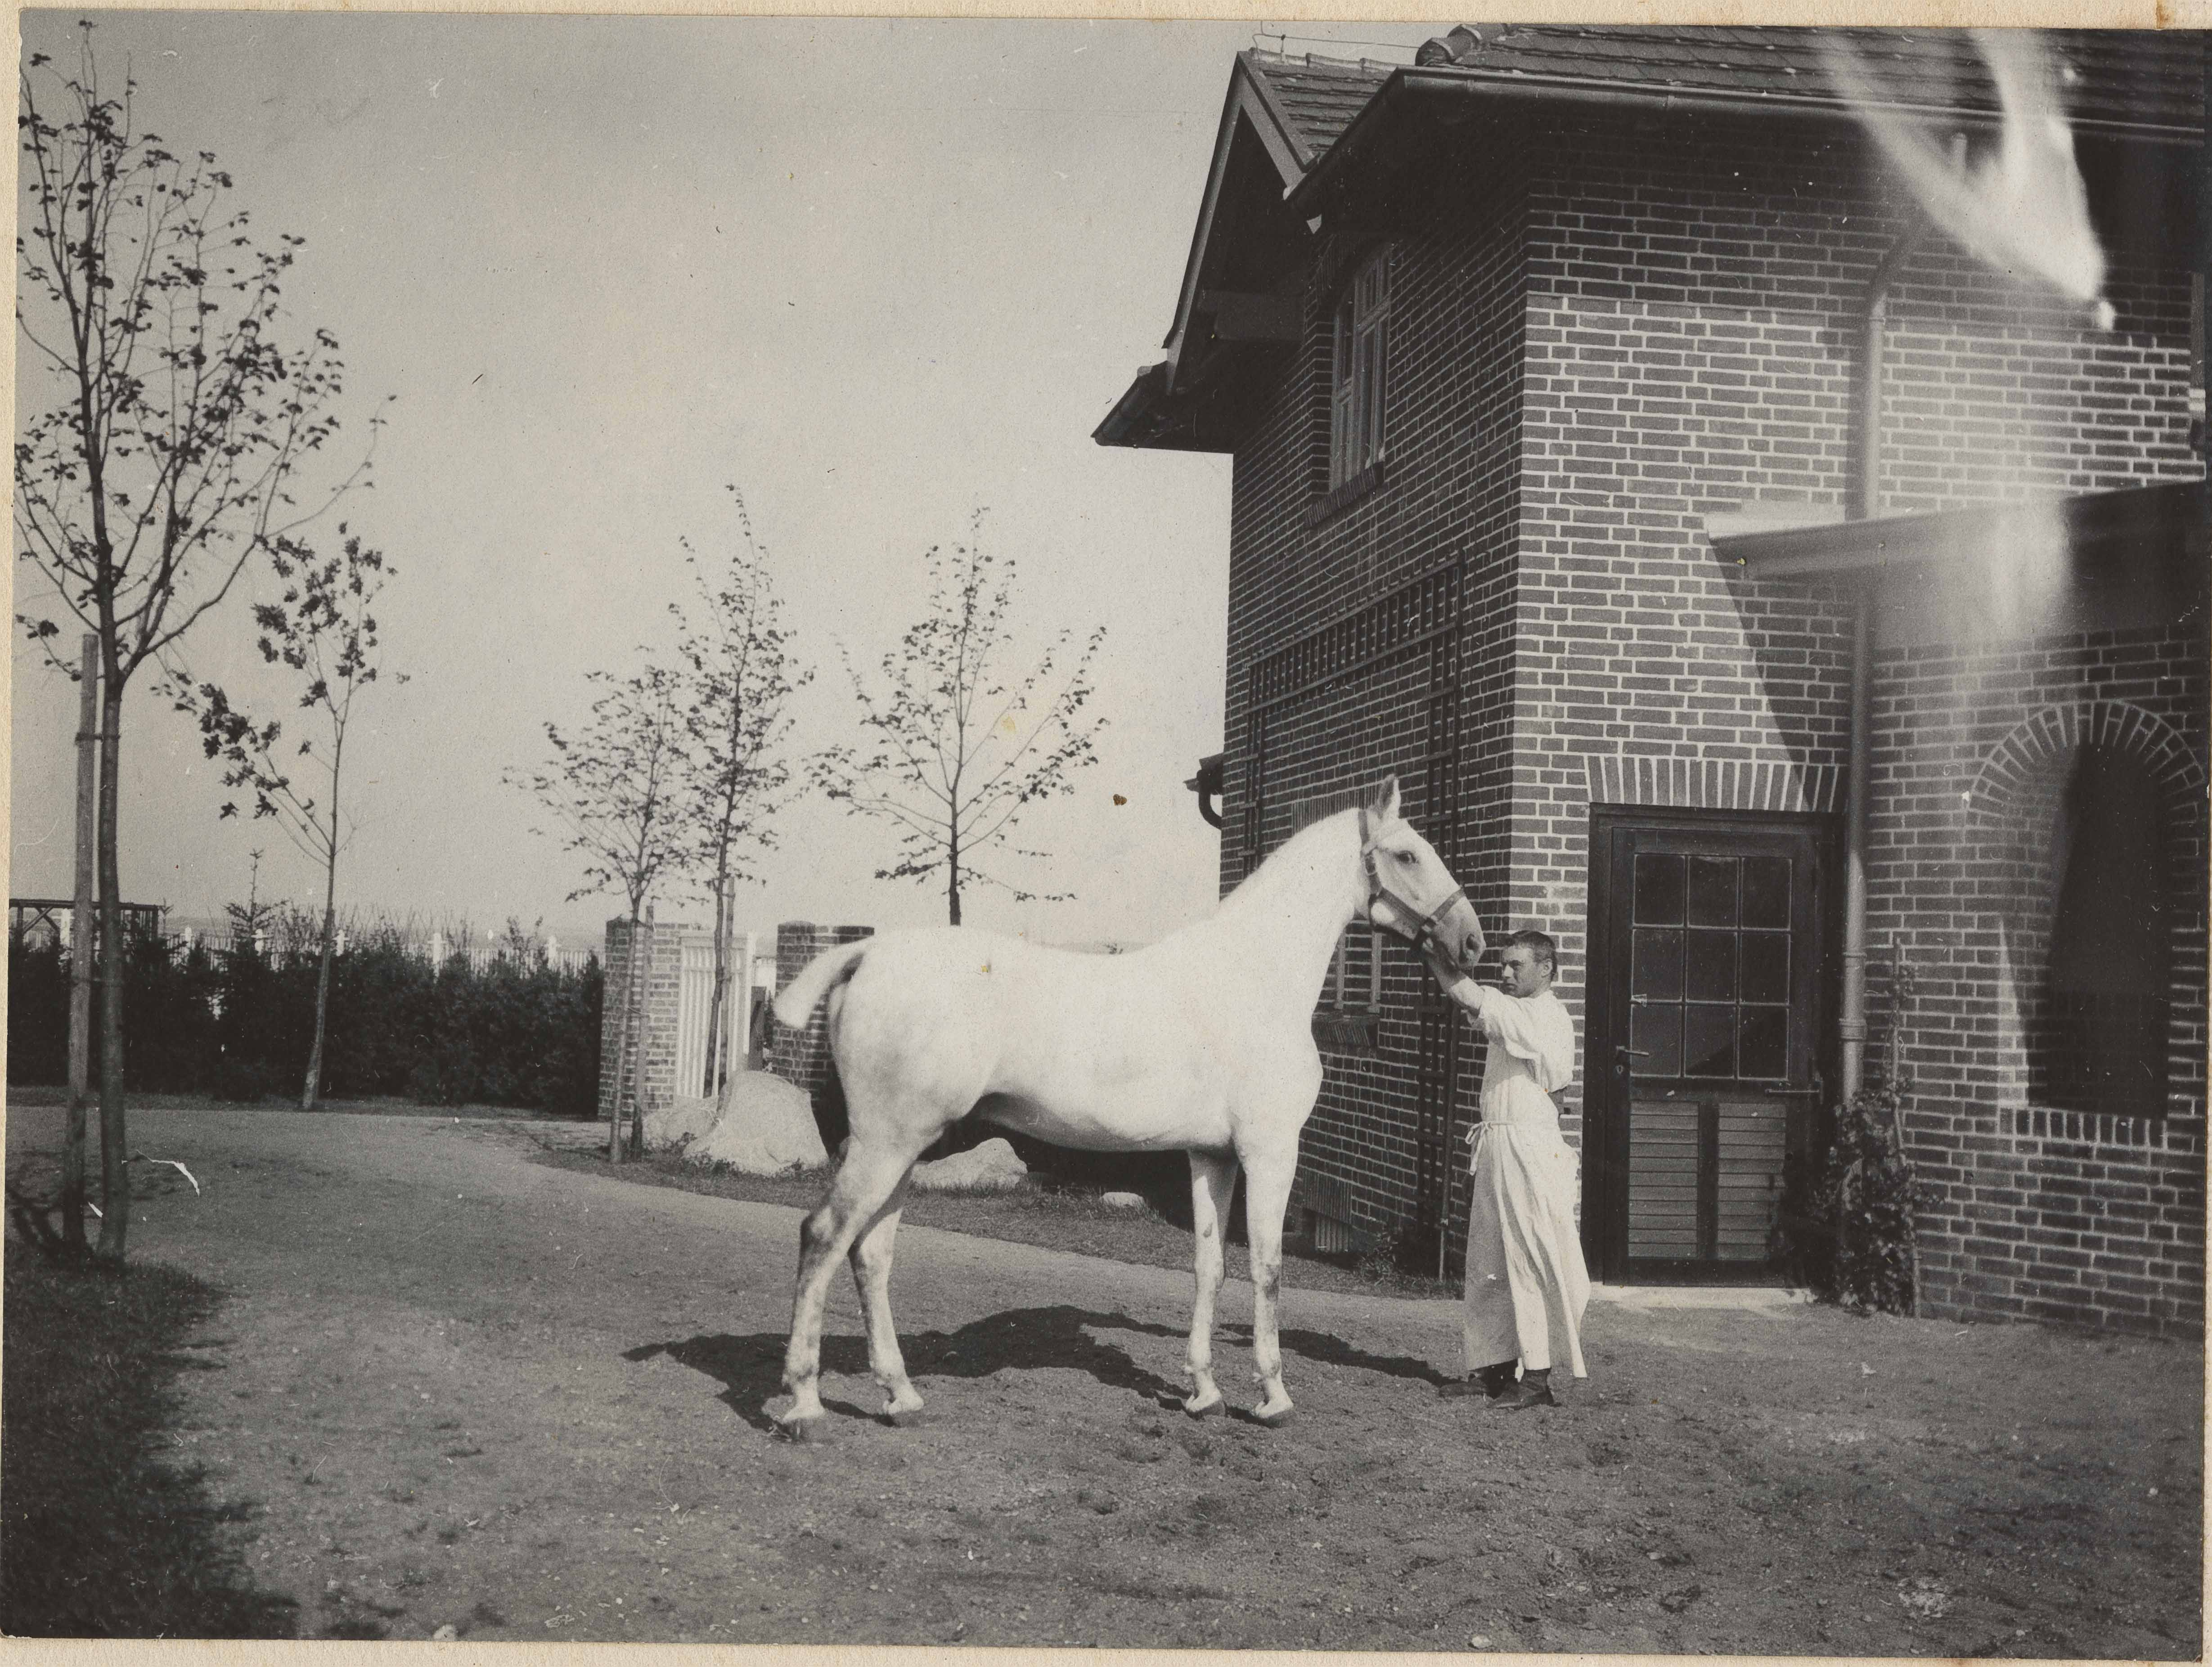 White horse and hostler in Altona